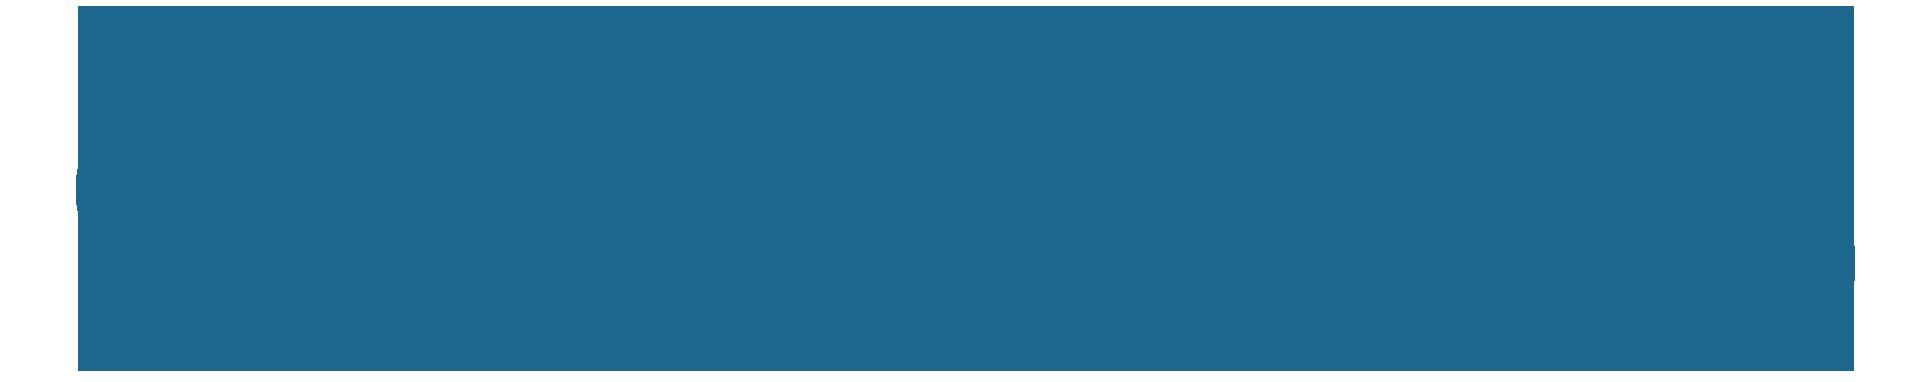 genesisQL Logo